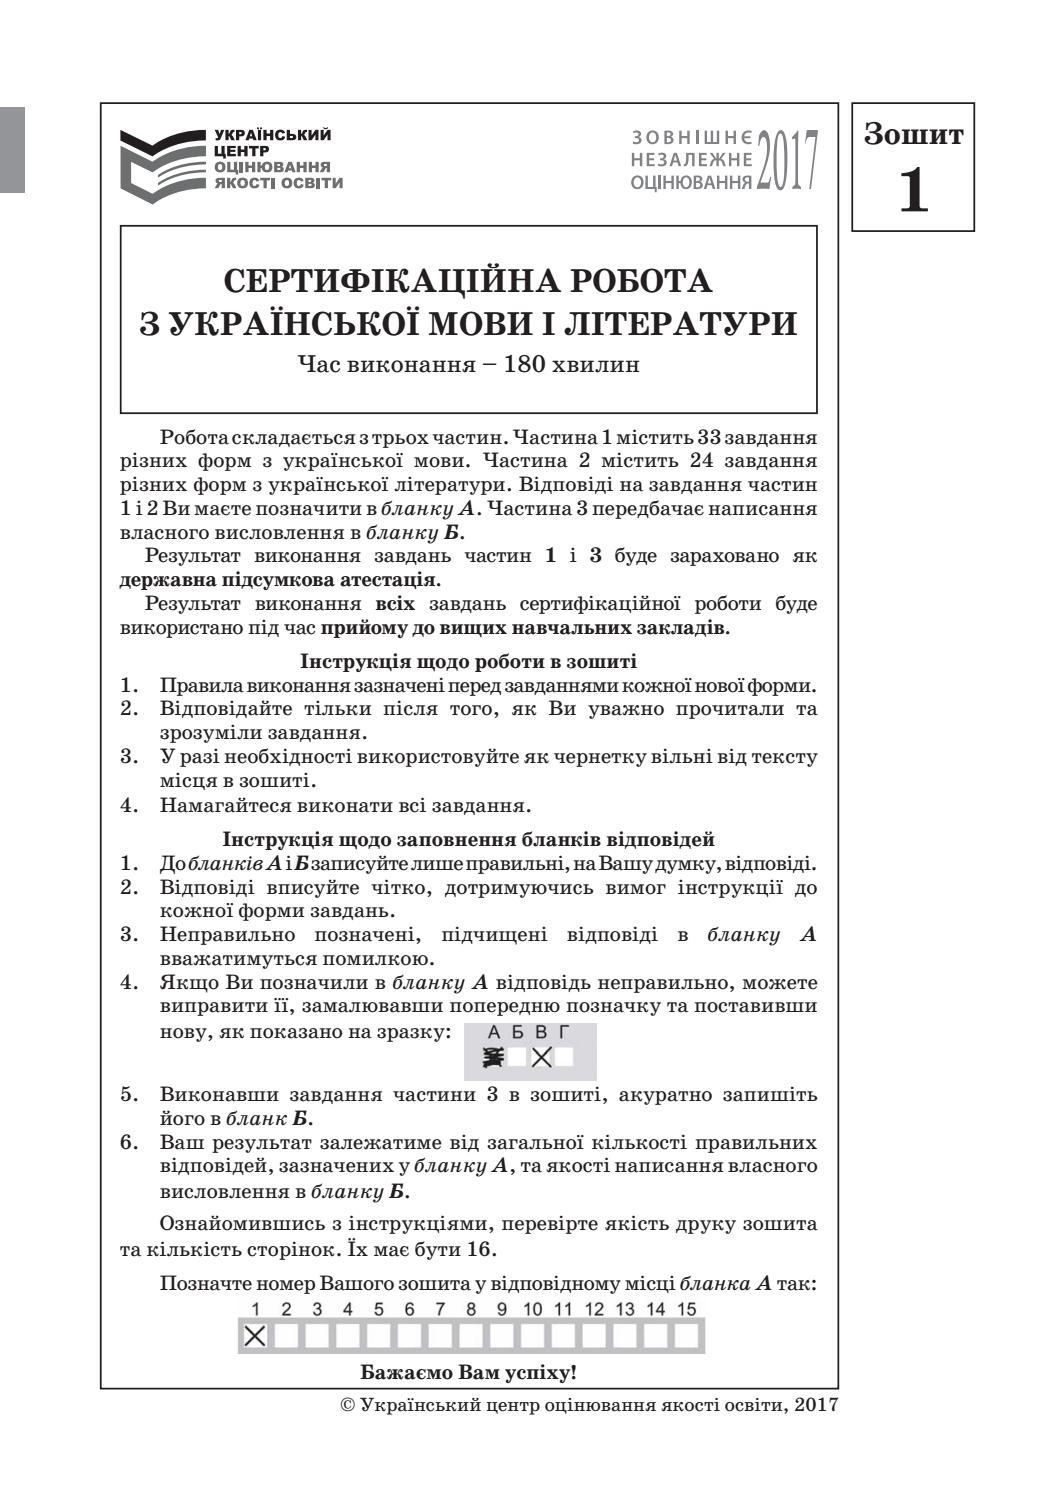 бланк відповідей зно з української мови зразок скачати